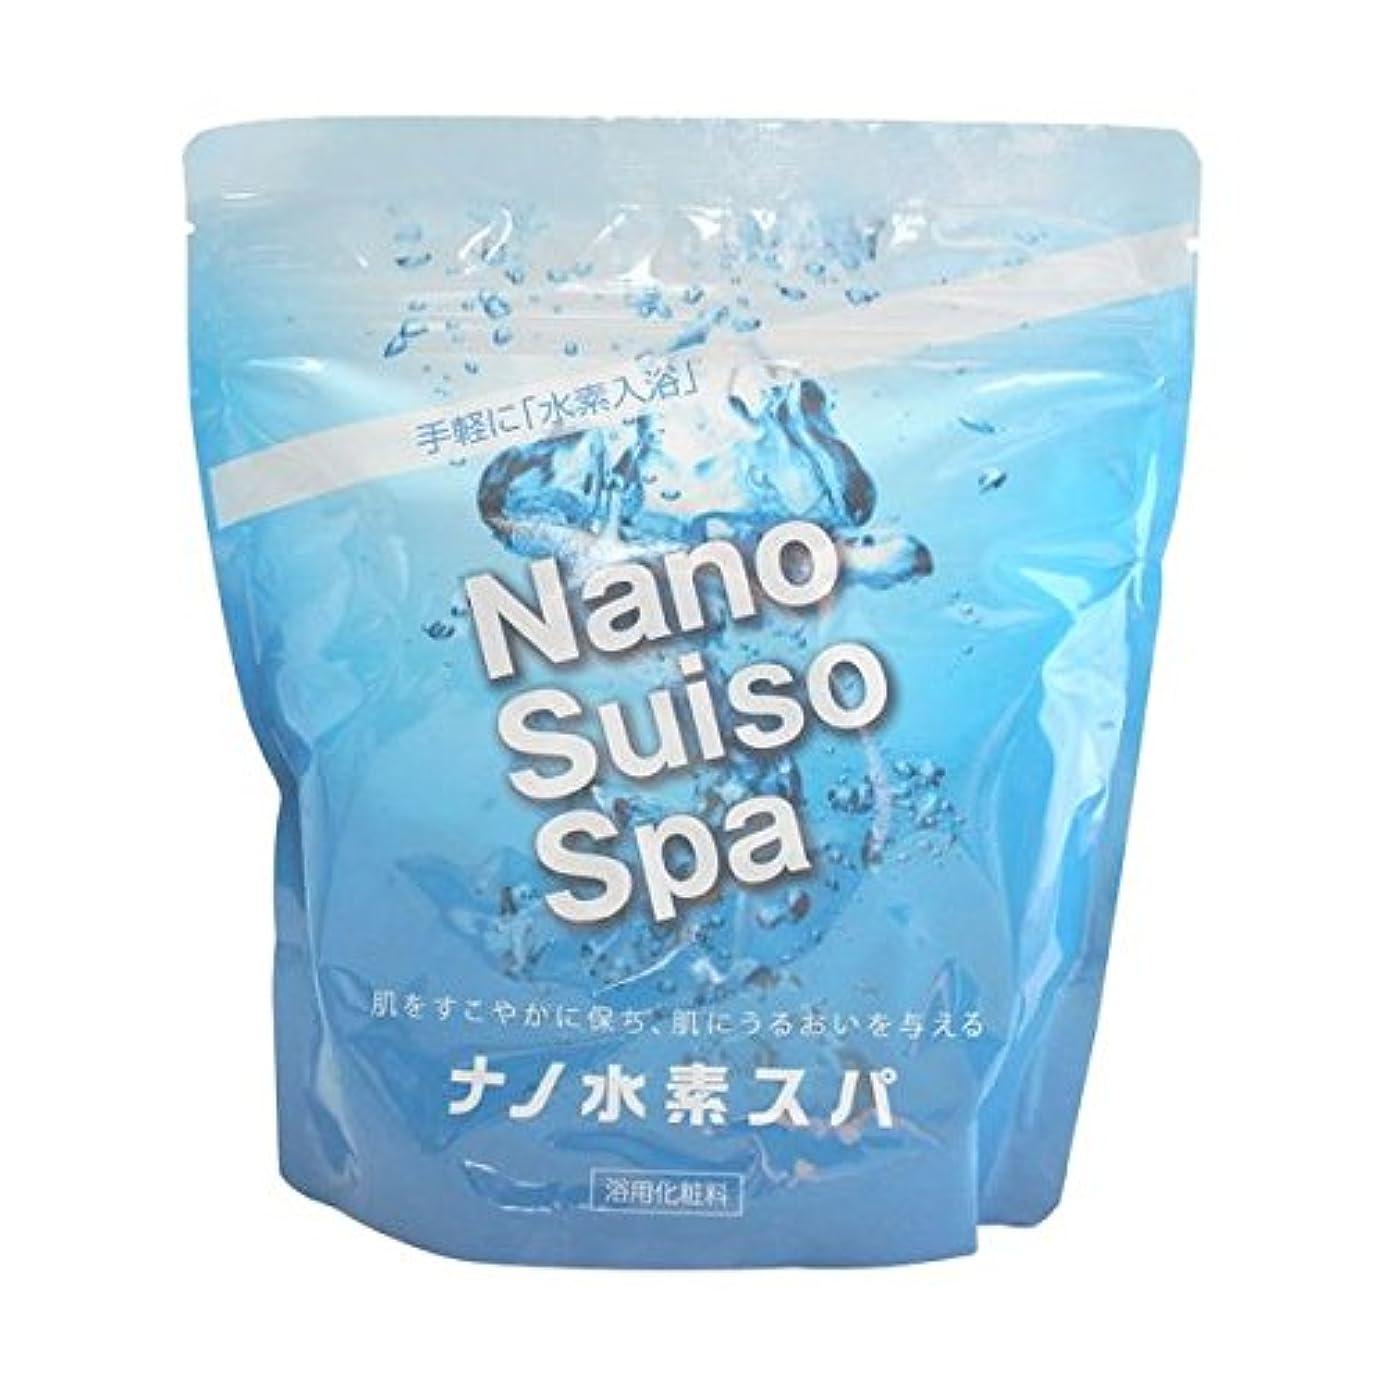 現象支給ナチュラル【お徳用 3 セット】 ナノ水素スパ 1000g×3セット